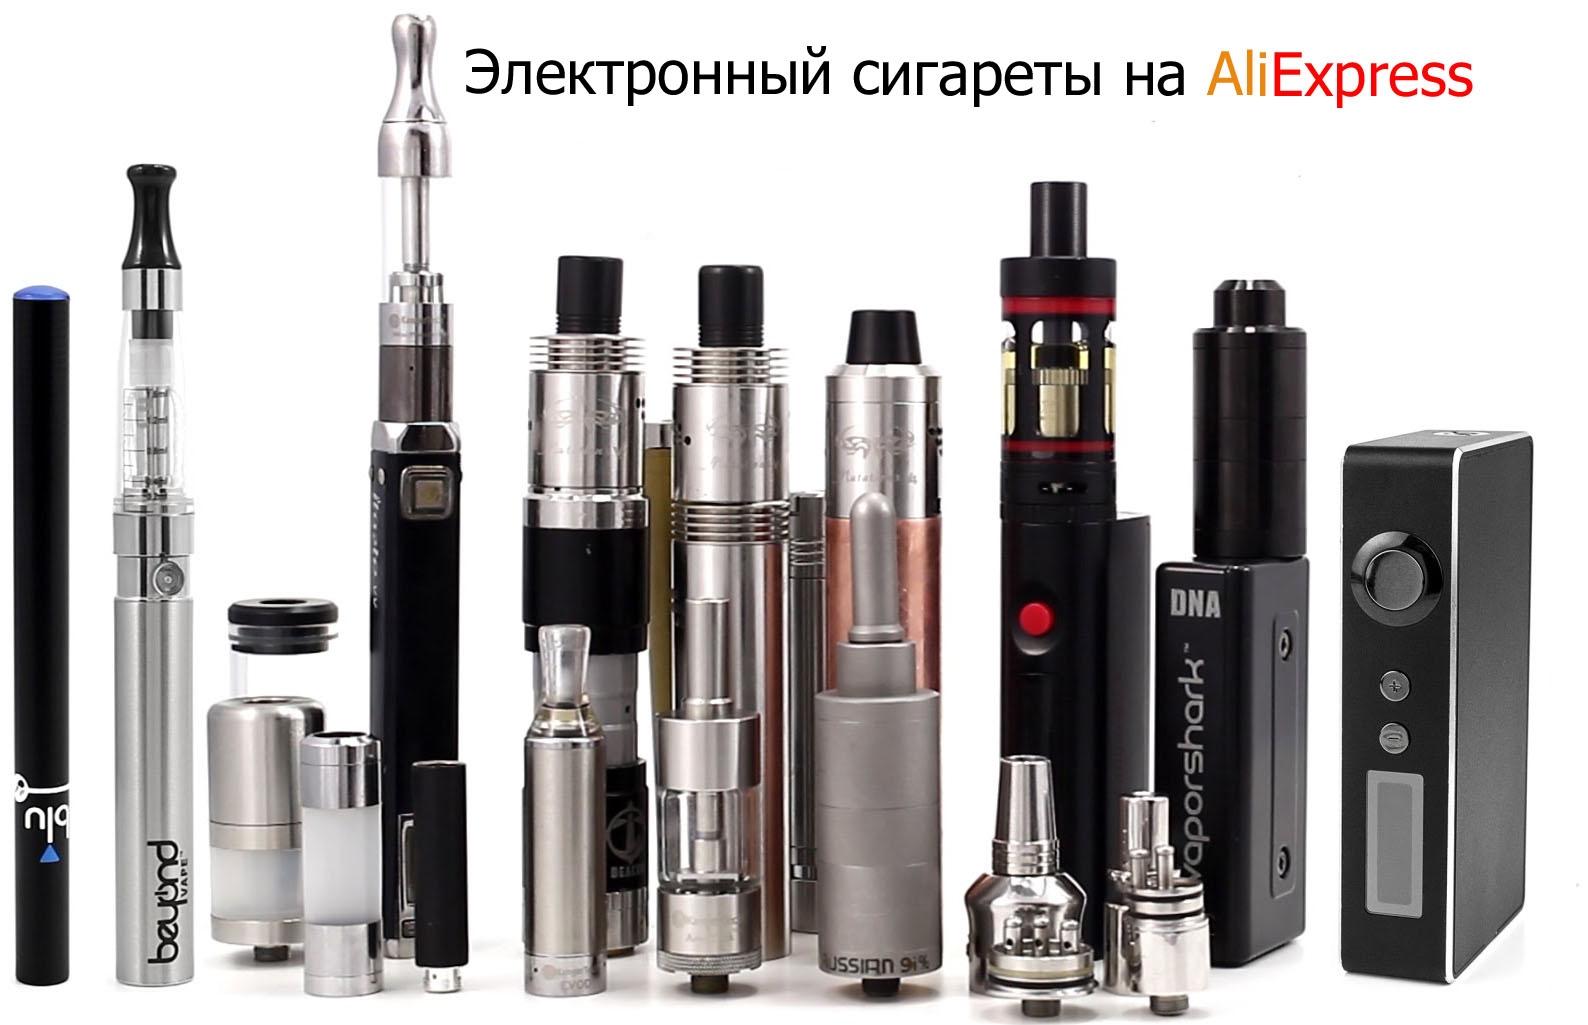 Купить жидкость электронный сигареты на алиэкспресс электронные сигареты в витебске купить